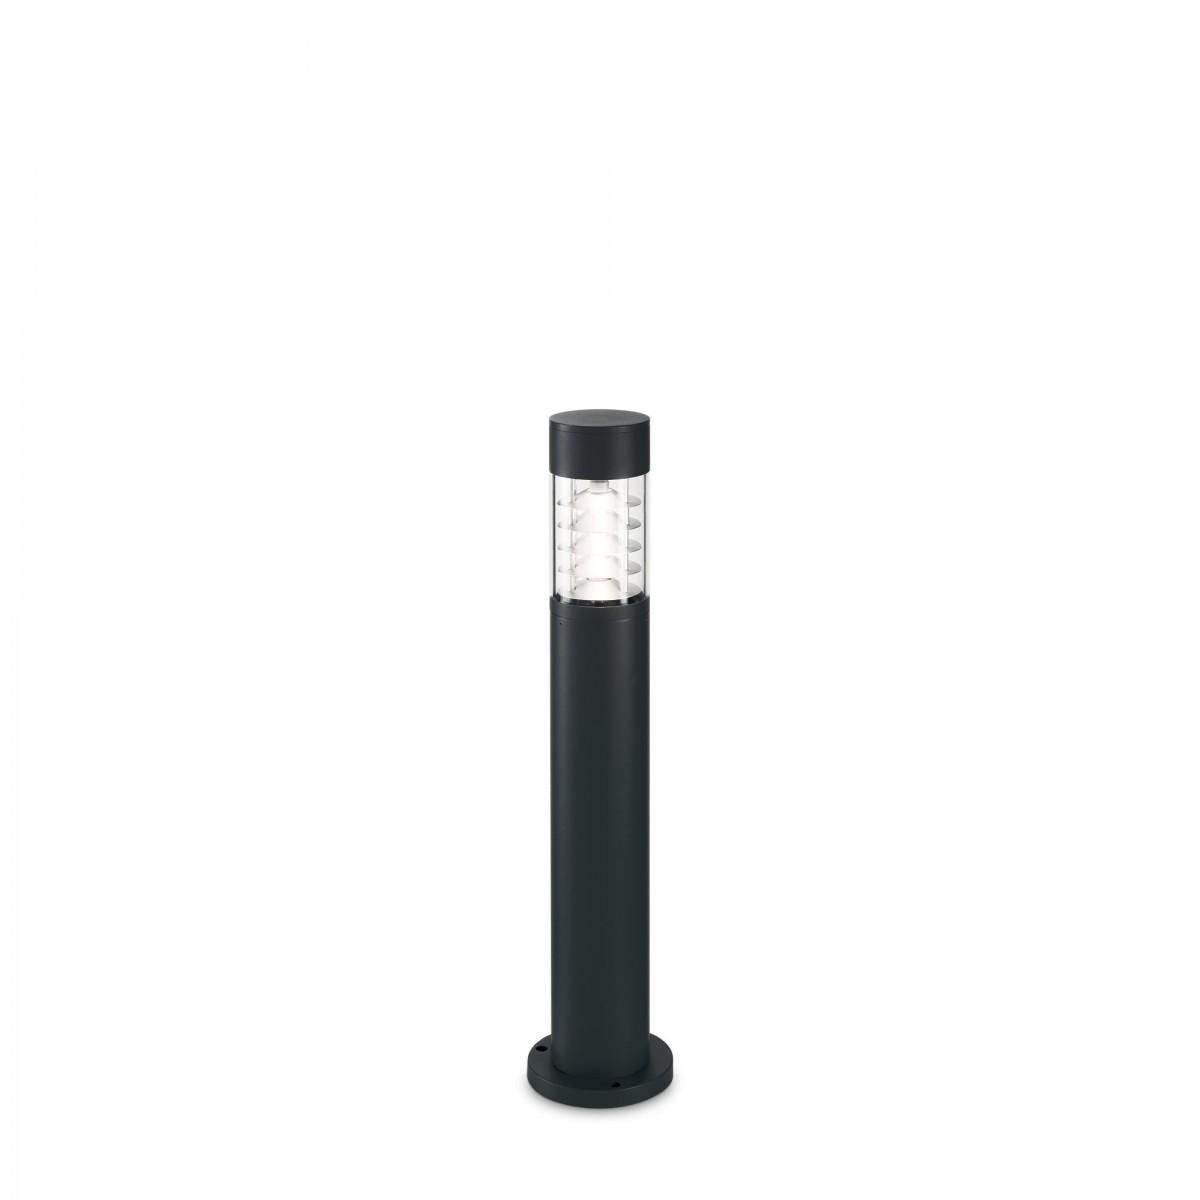 Ideal Lux 248226 venkovní sloupkové svítidlo Tronco 1x60W | E27 | IP54 - černé